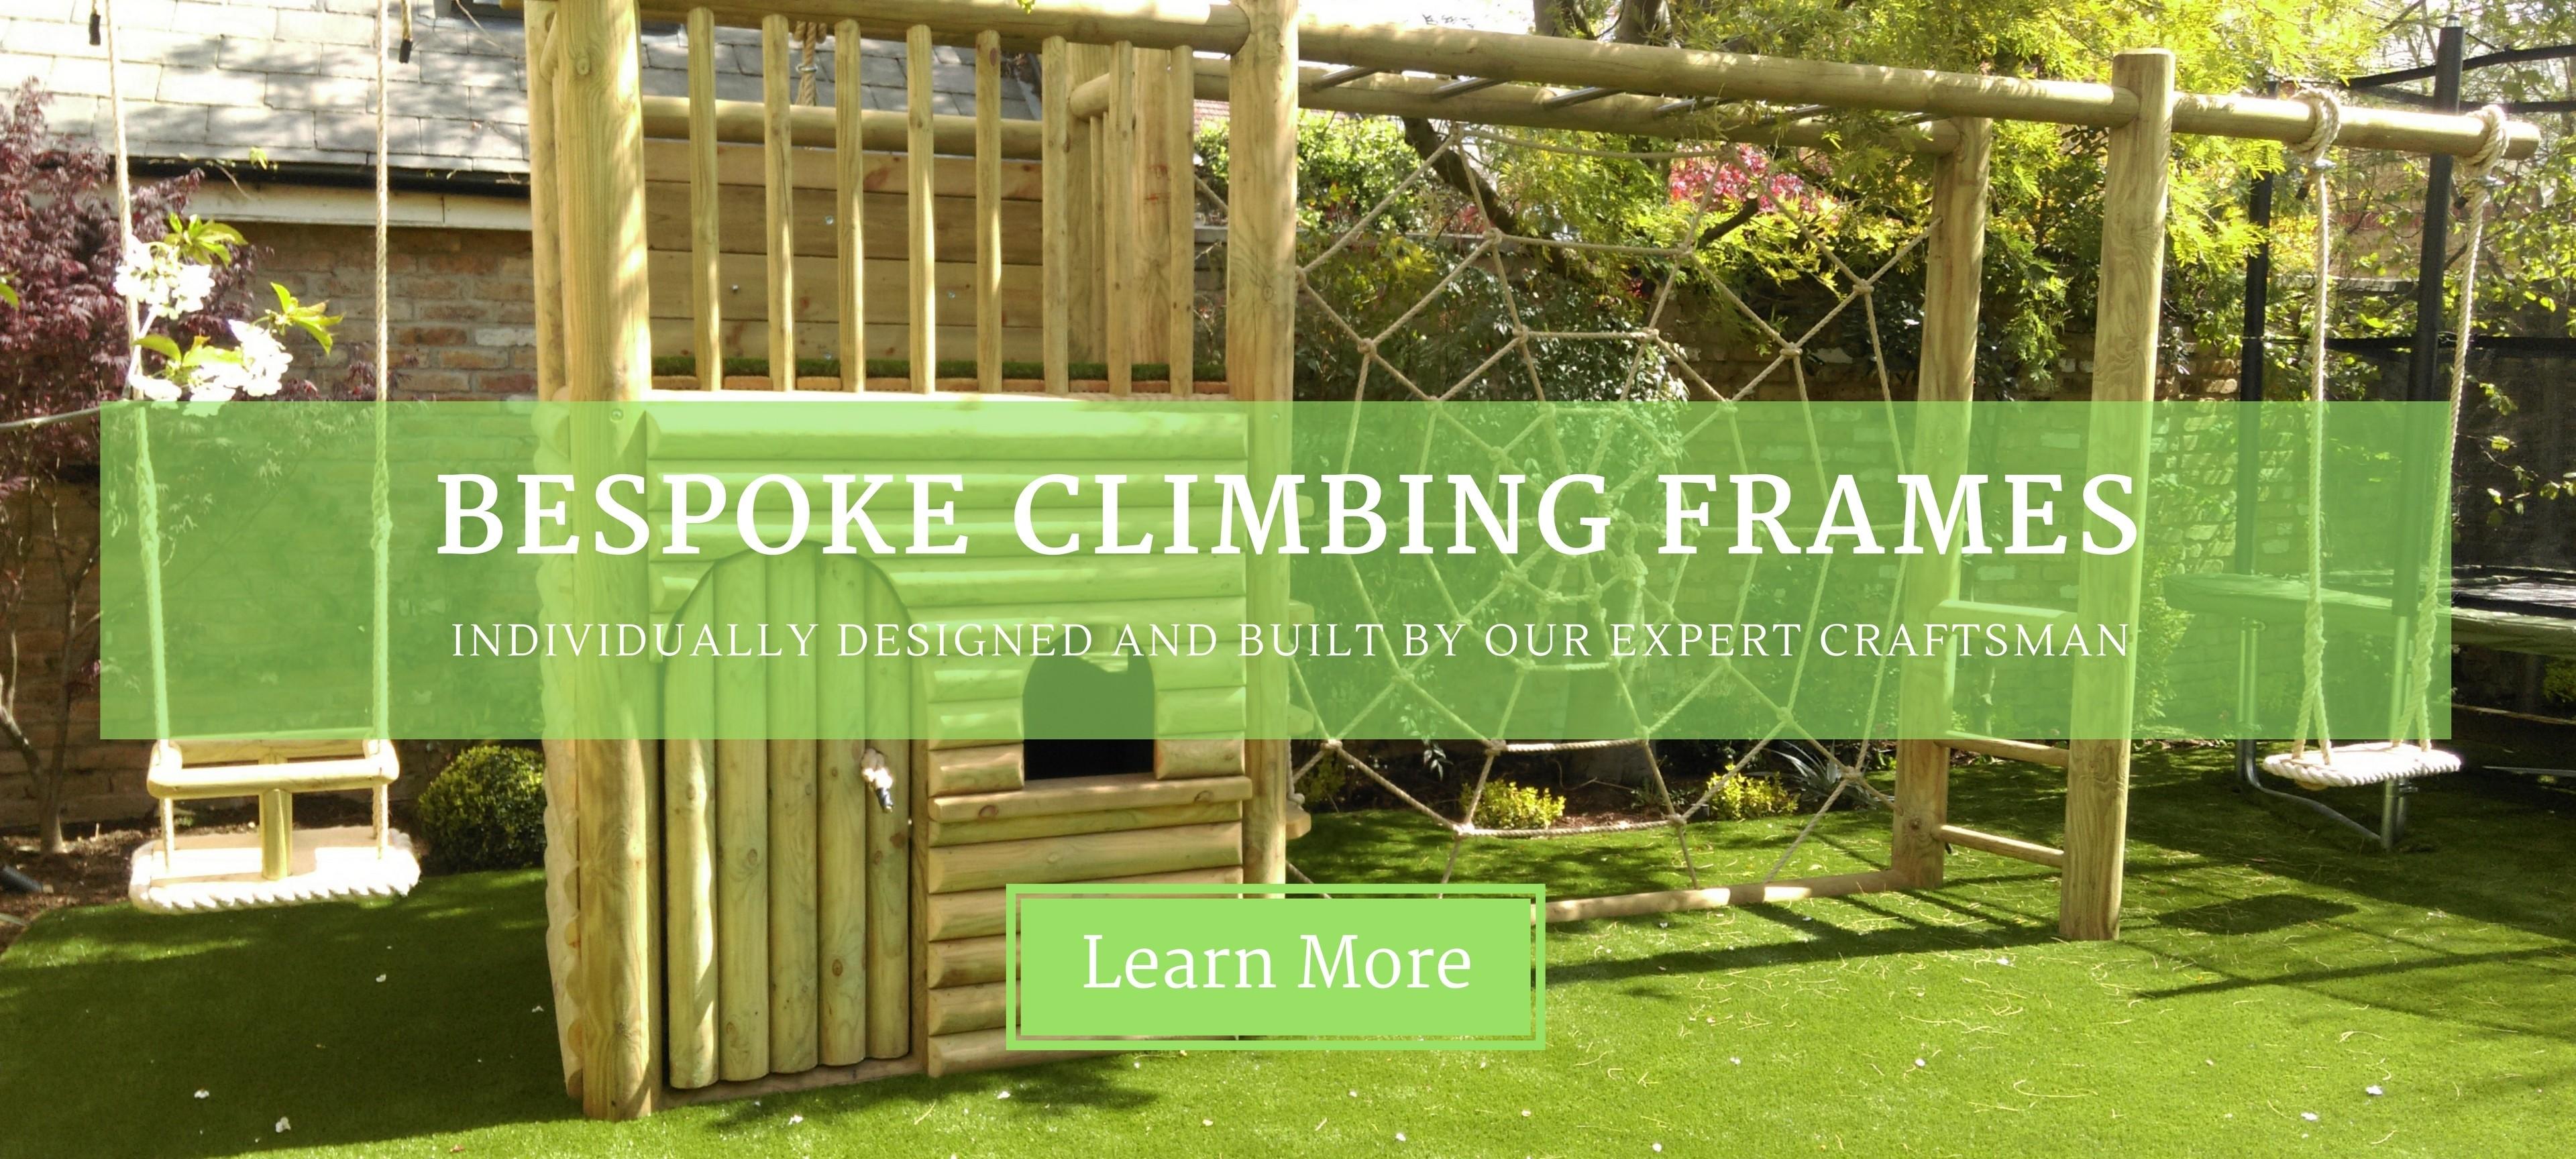 bespoke climbing frames